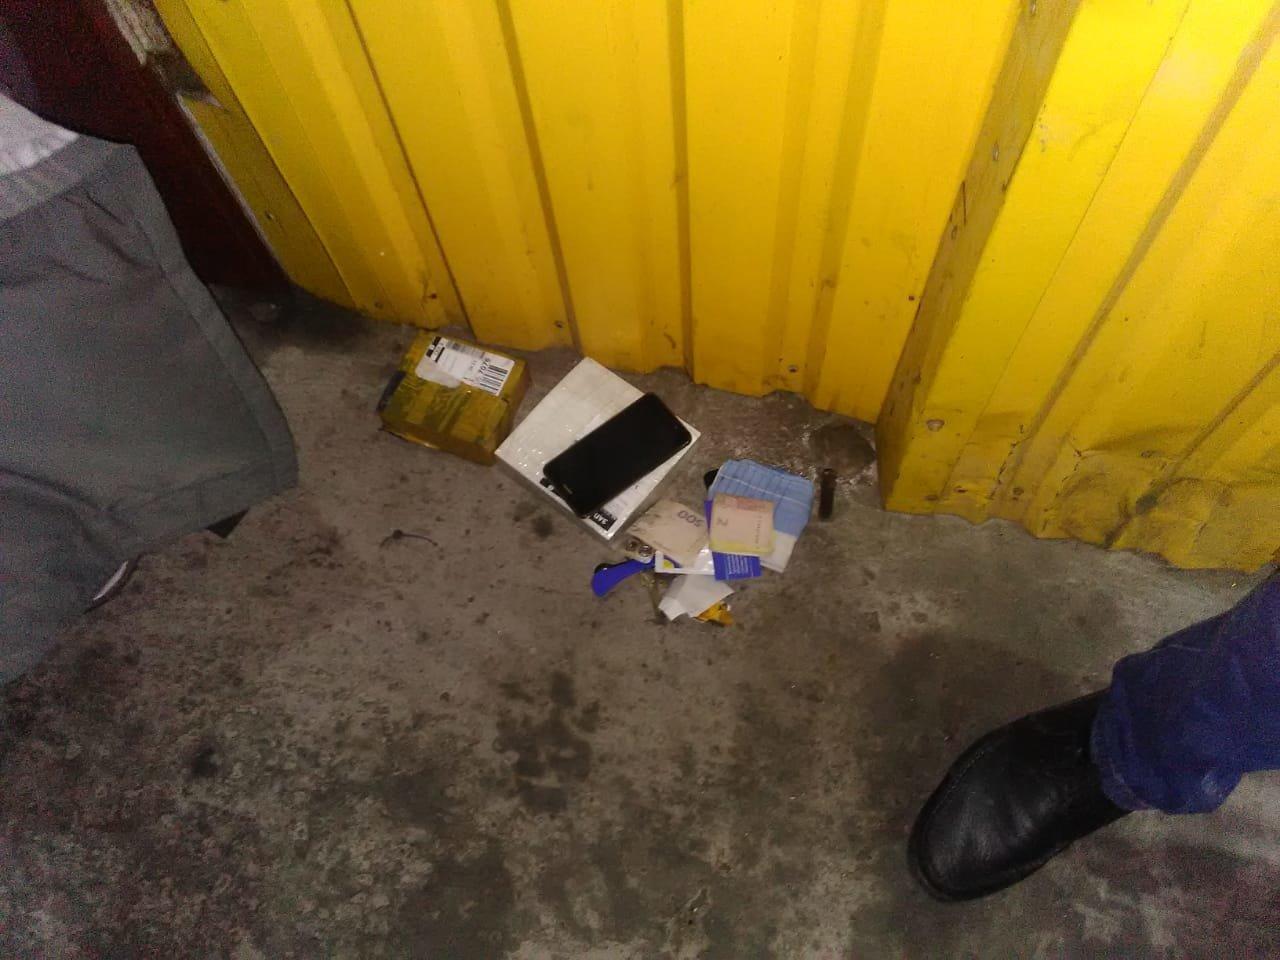 У Запоріжжі поліція затримала священника під час отримання посилки з наркотиками (ФОТО), фото-2